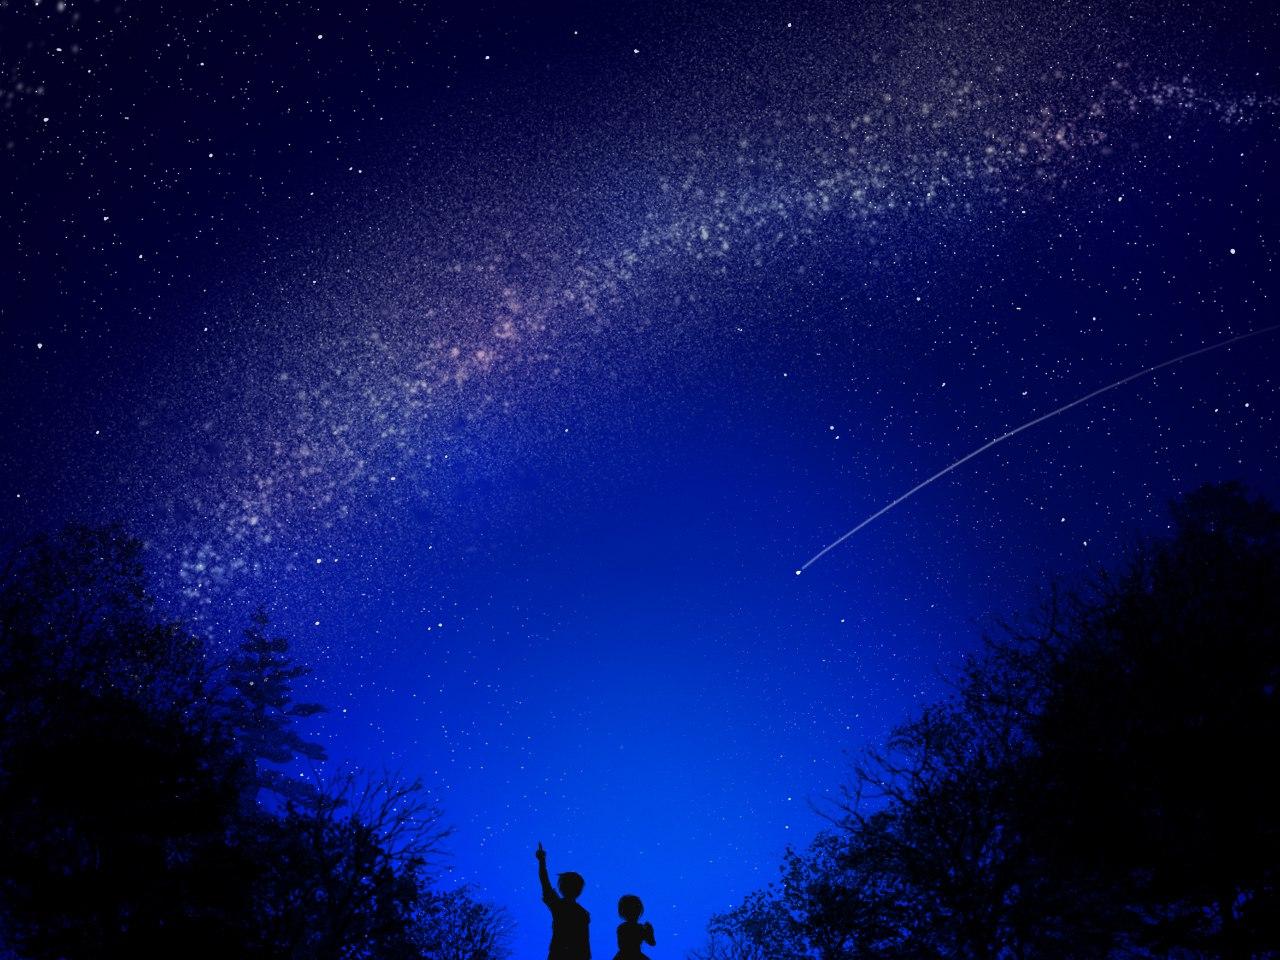 произведениях самого тихая ночь падающих звезд картинки поняла рассказ